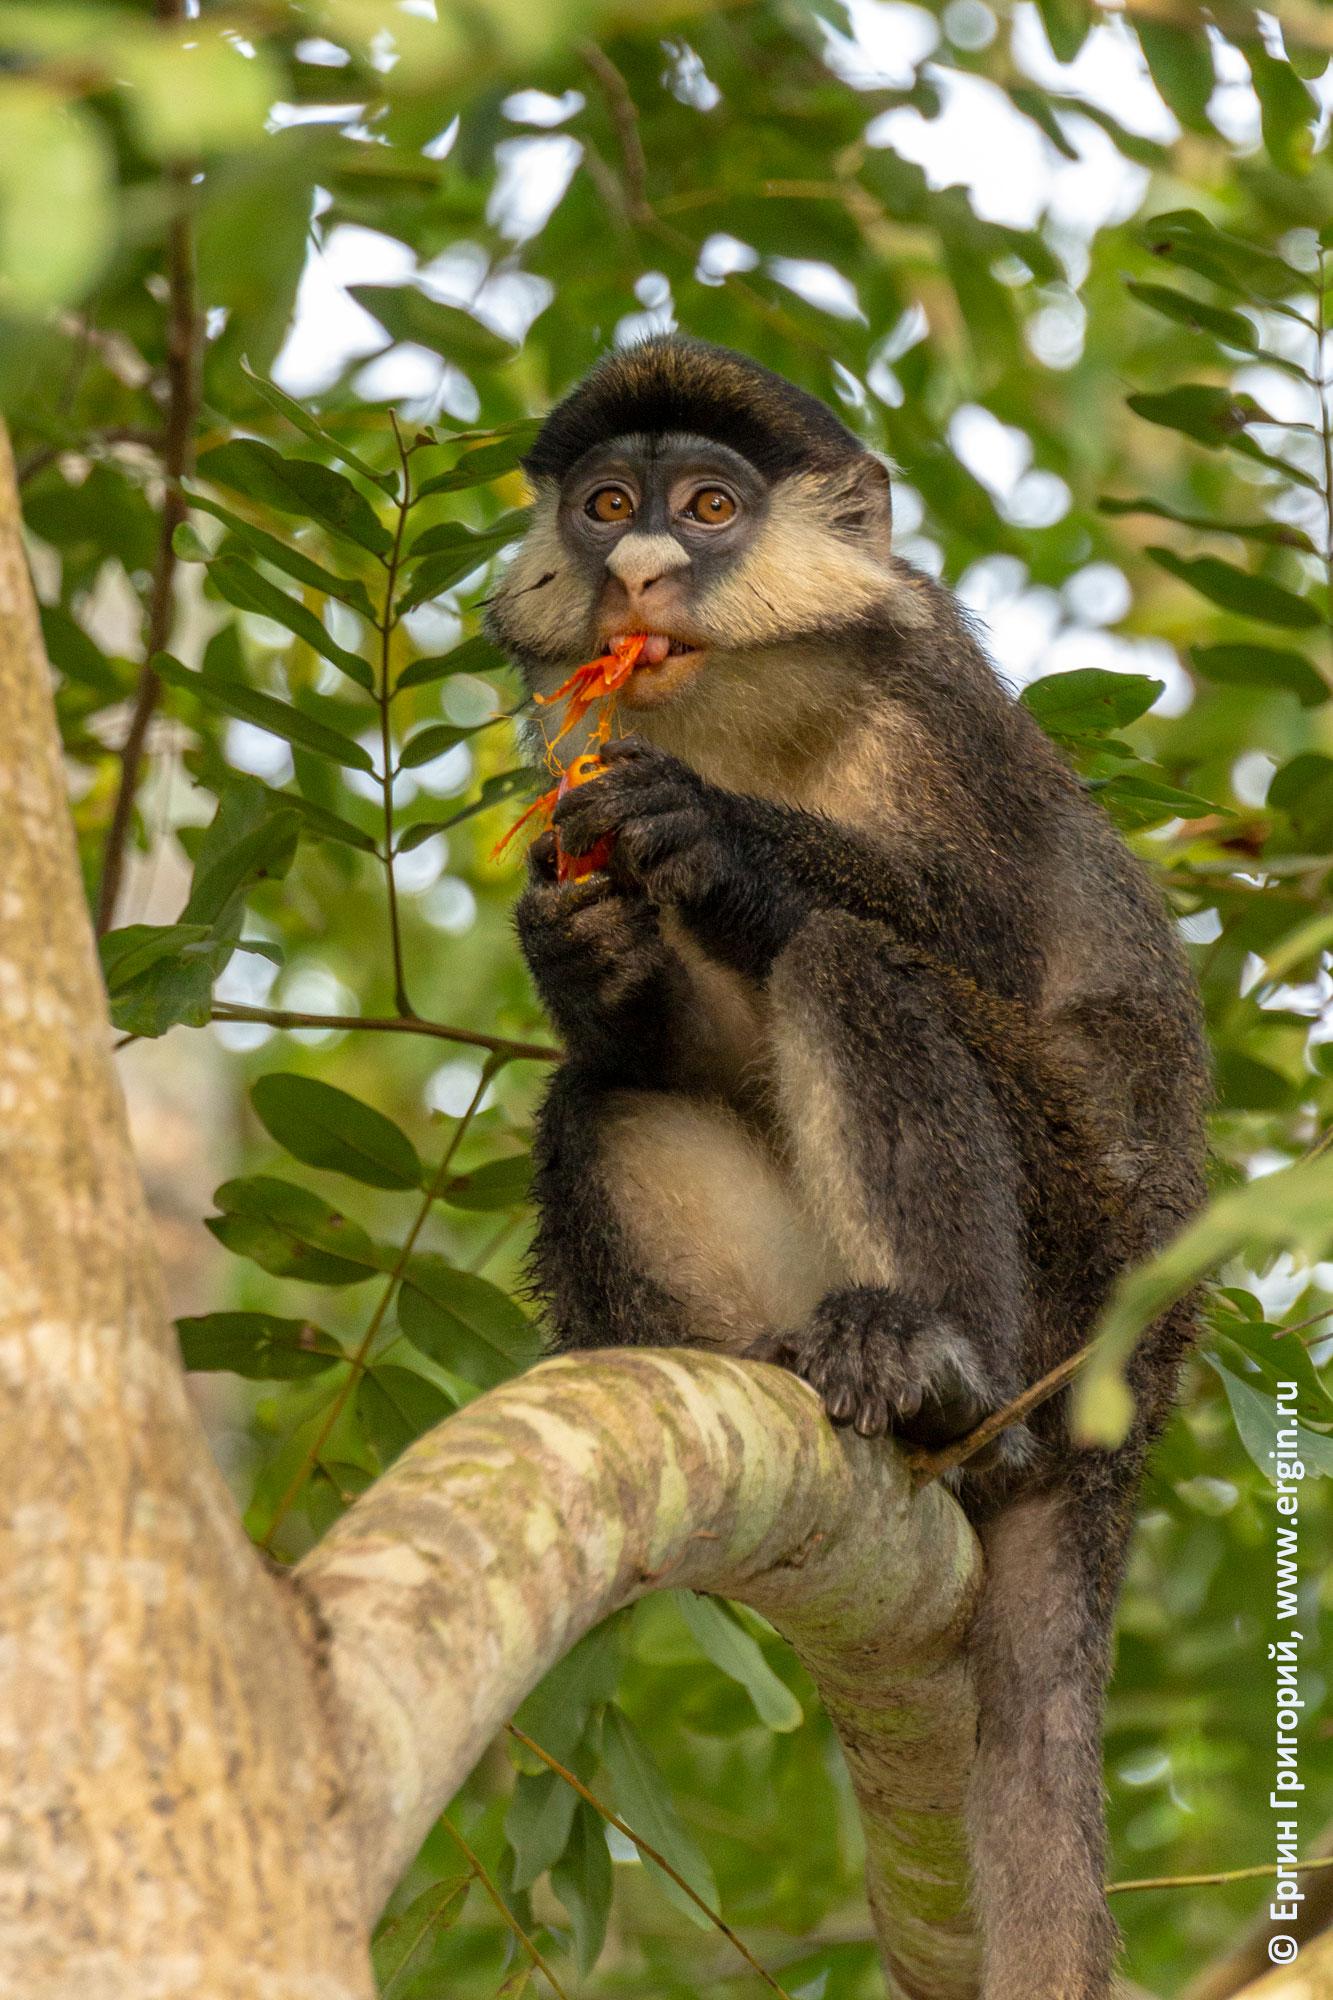 Обезьяна краснохвостая мартышка поедает экзотический плод